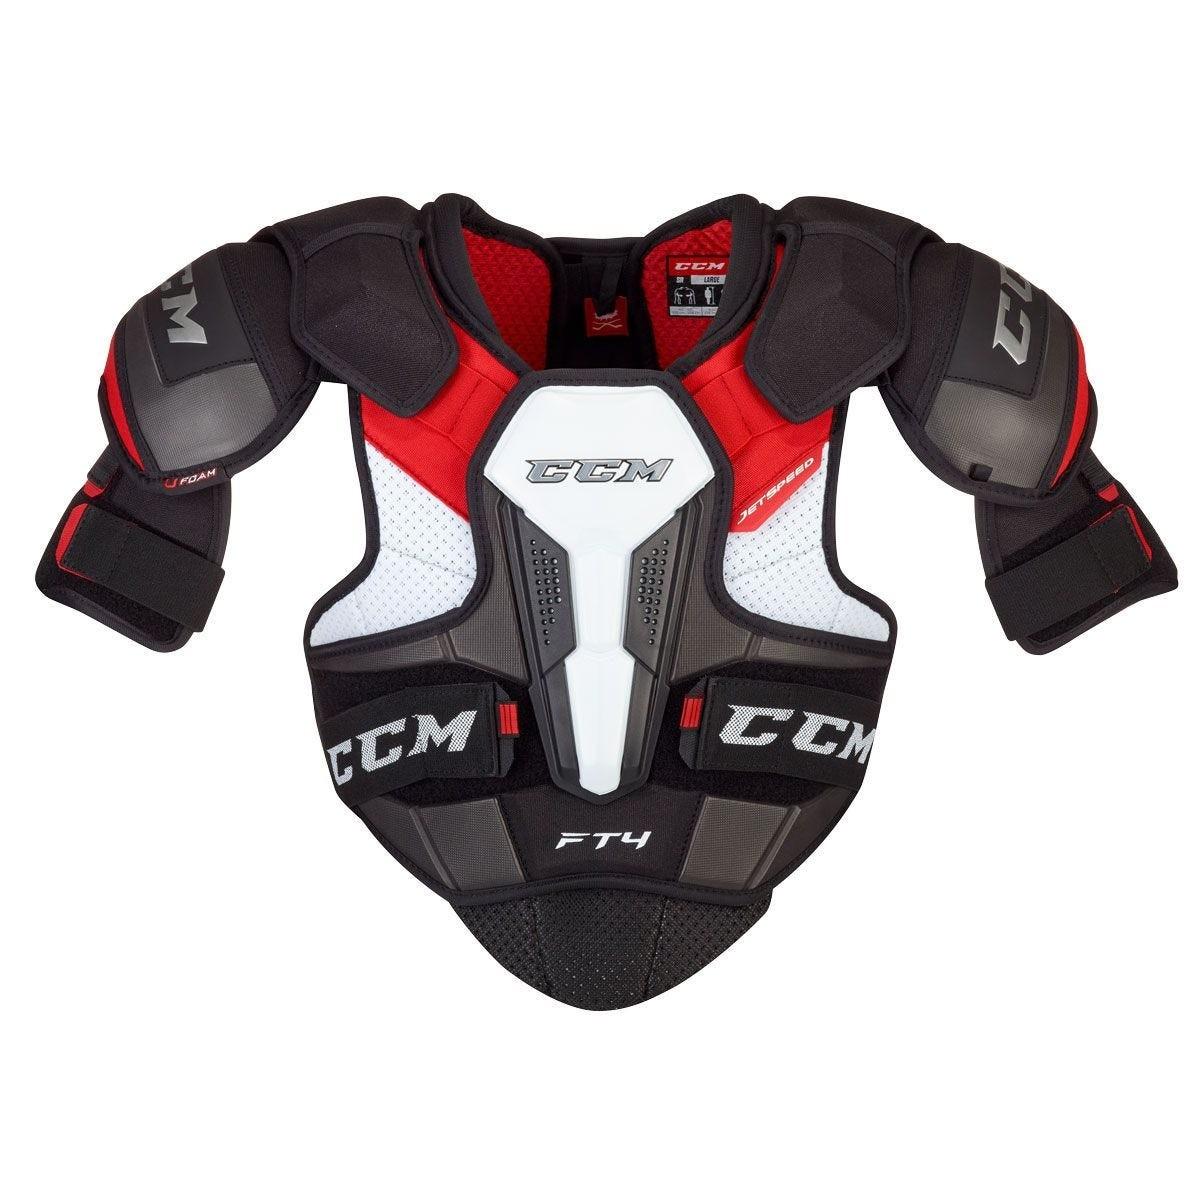 CCM Jetspeed FT4 Junior Shoulder Pads